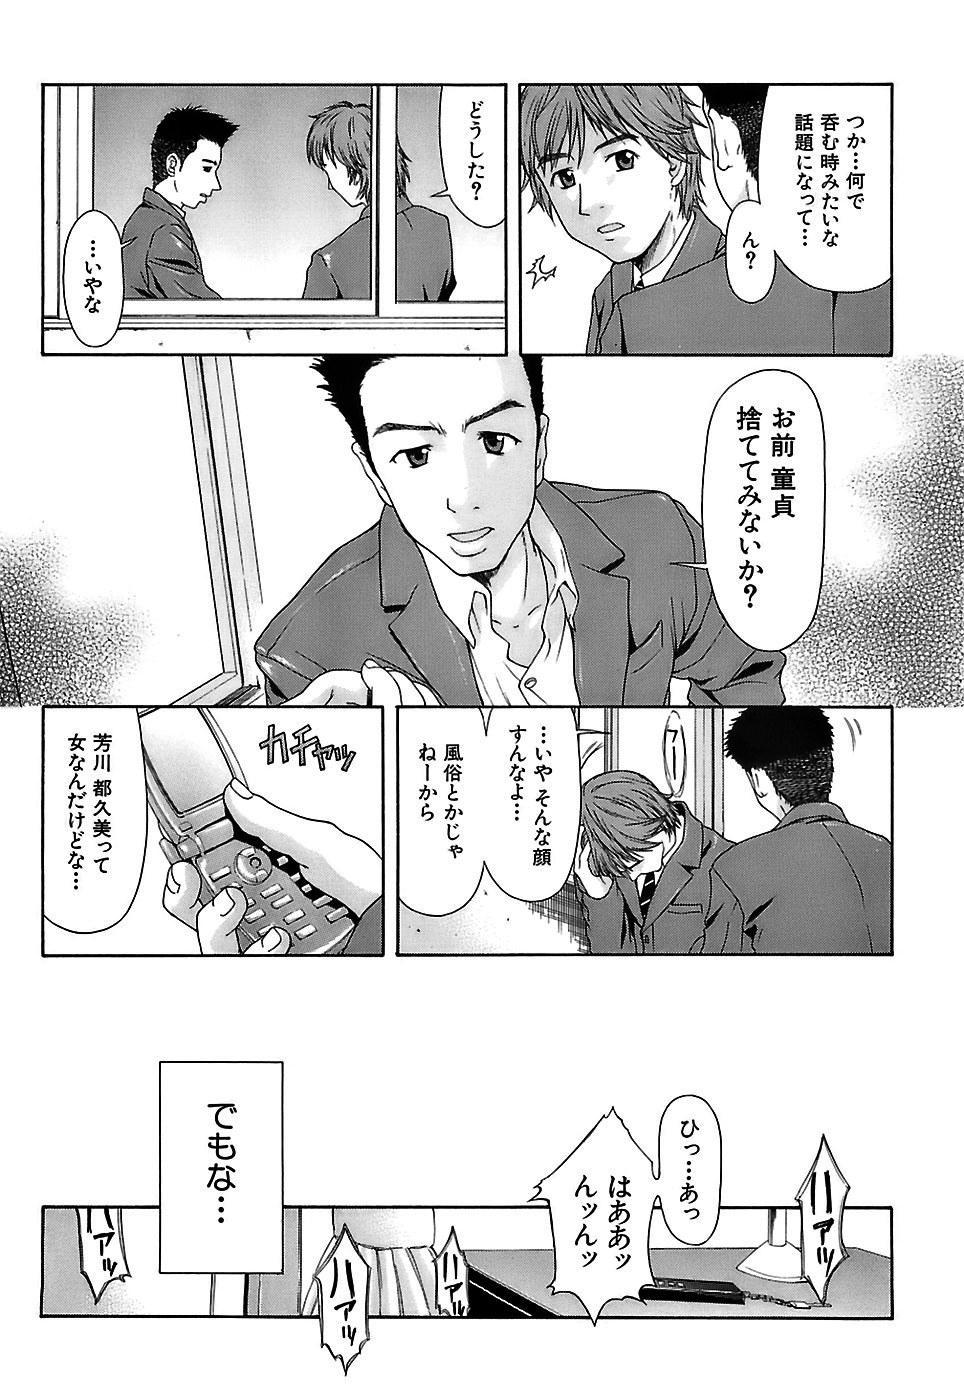 Aiyoku 96